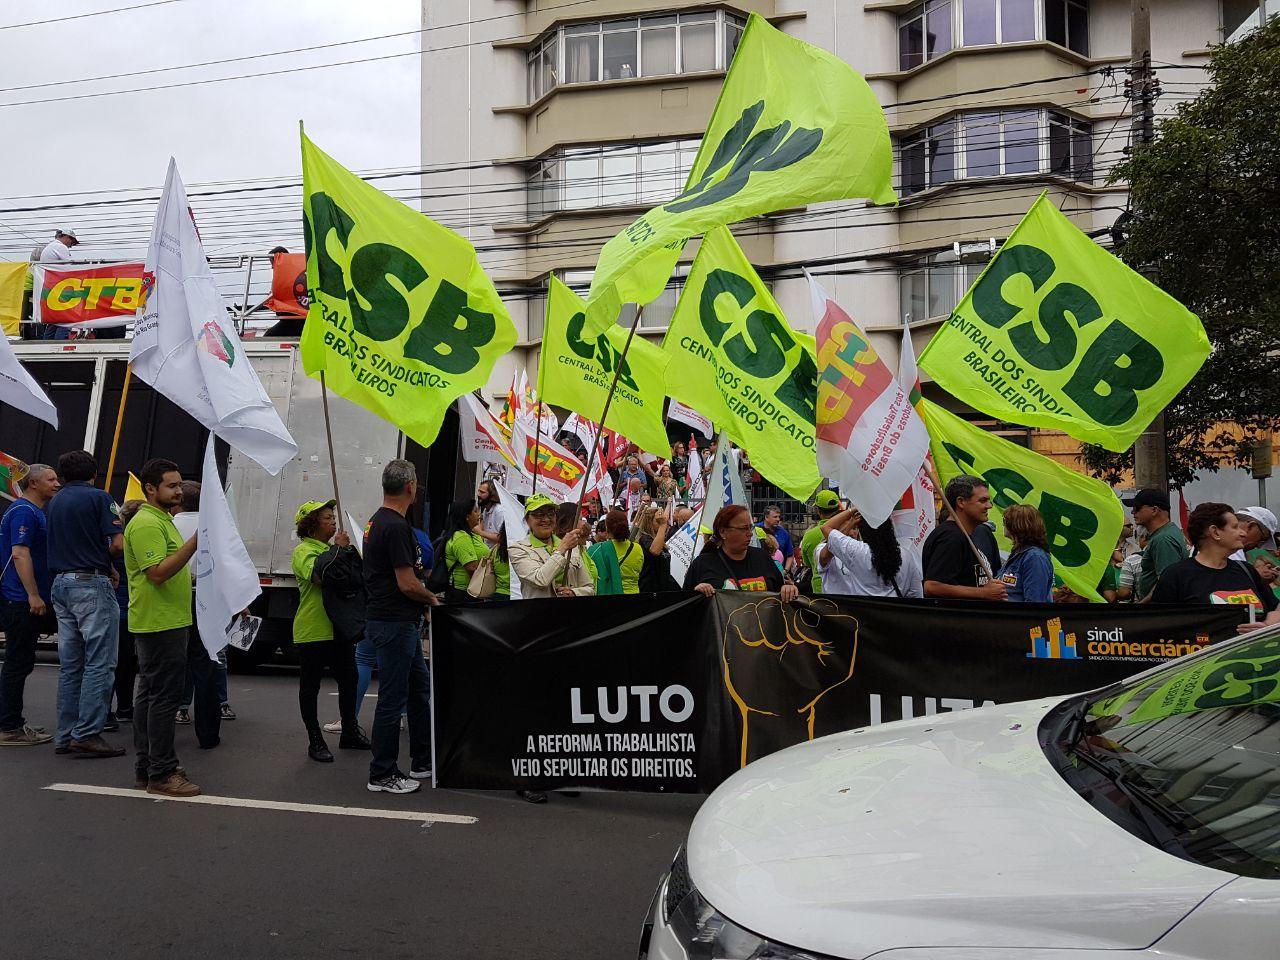 Em Porto Alegre, ato contra reformas do governo reúne mais de três mil pessoas